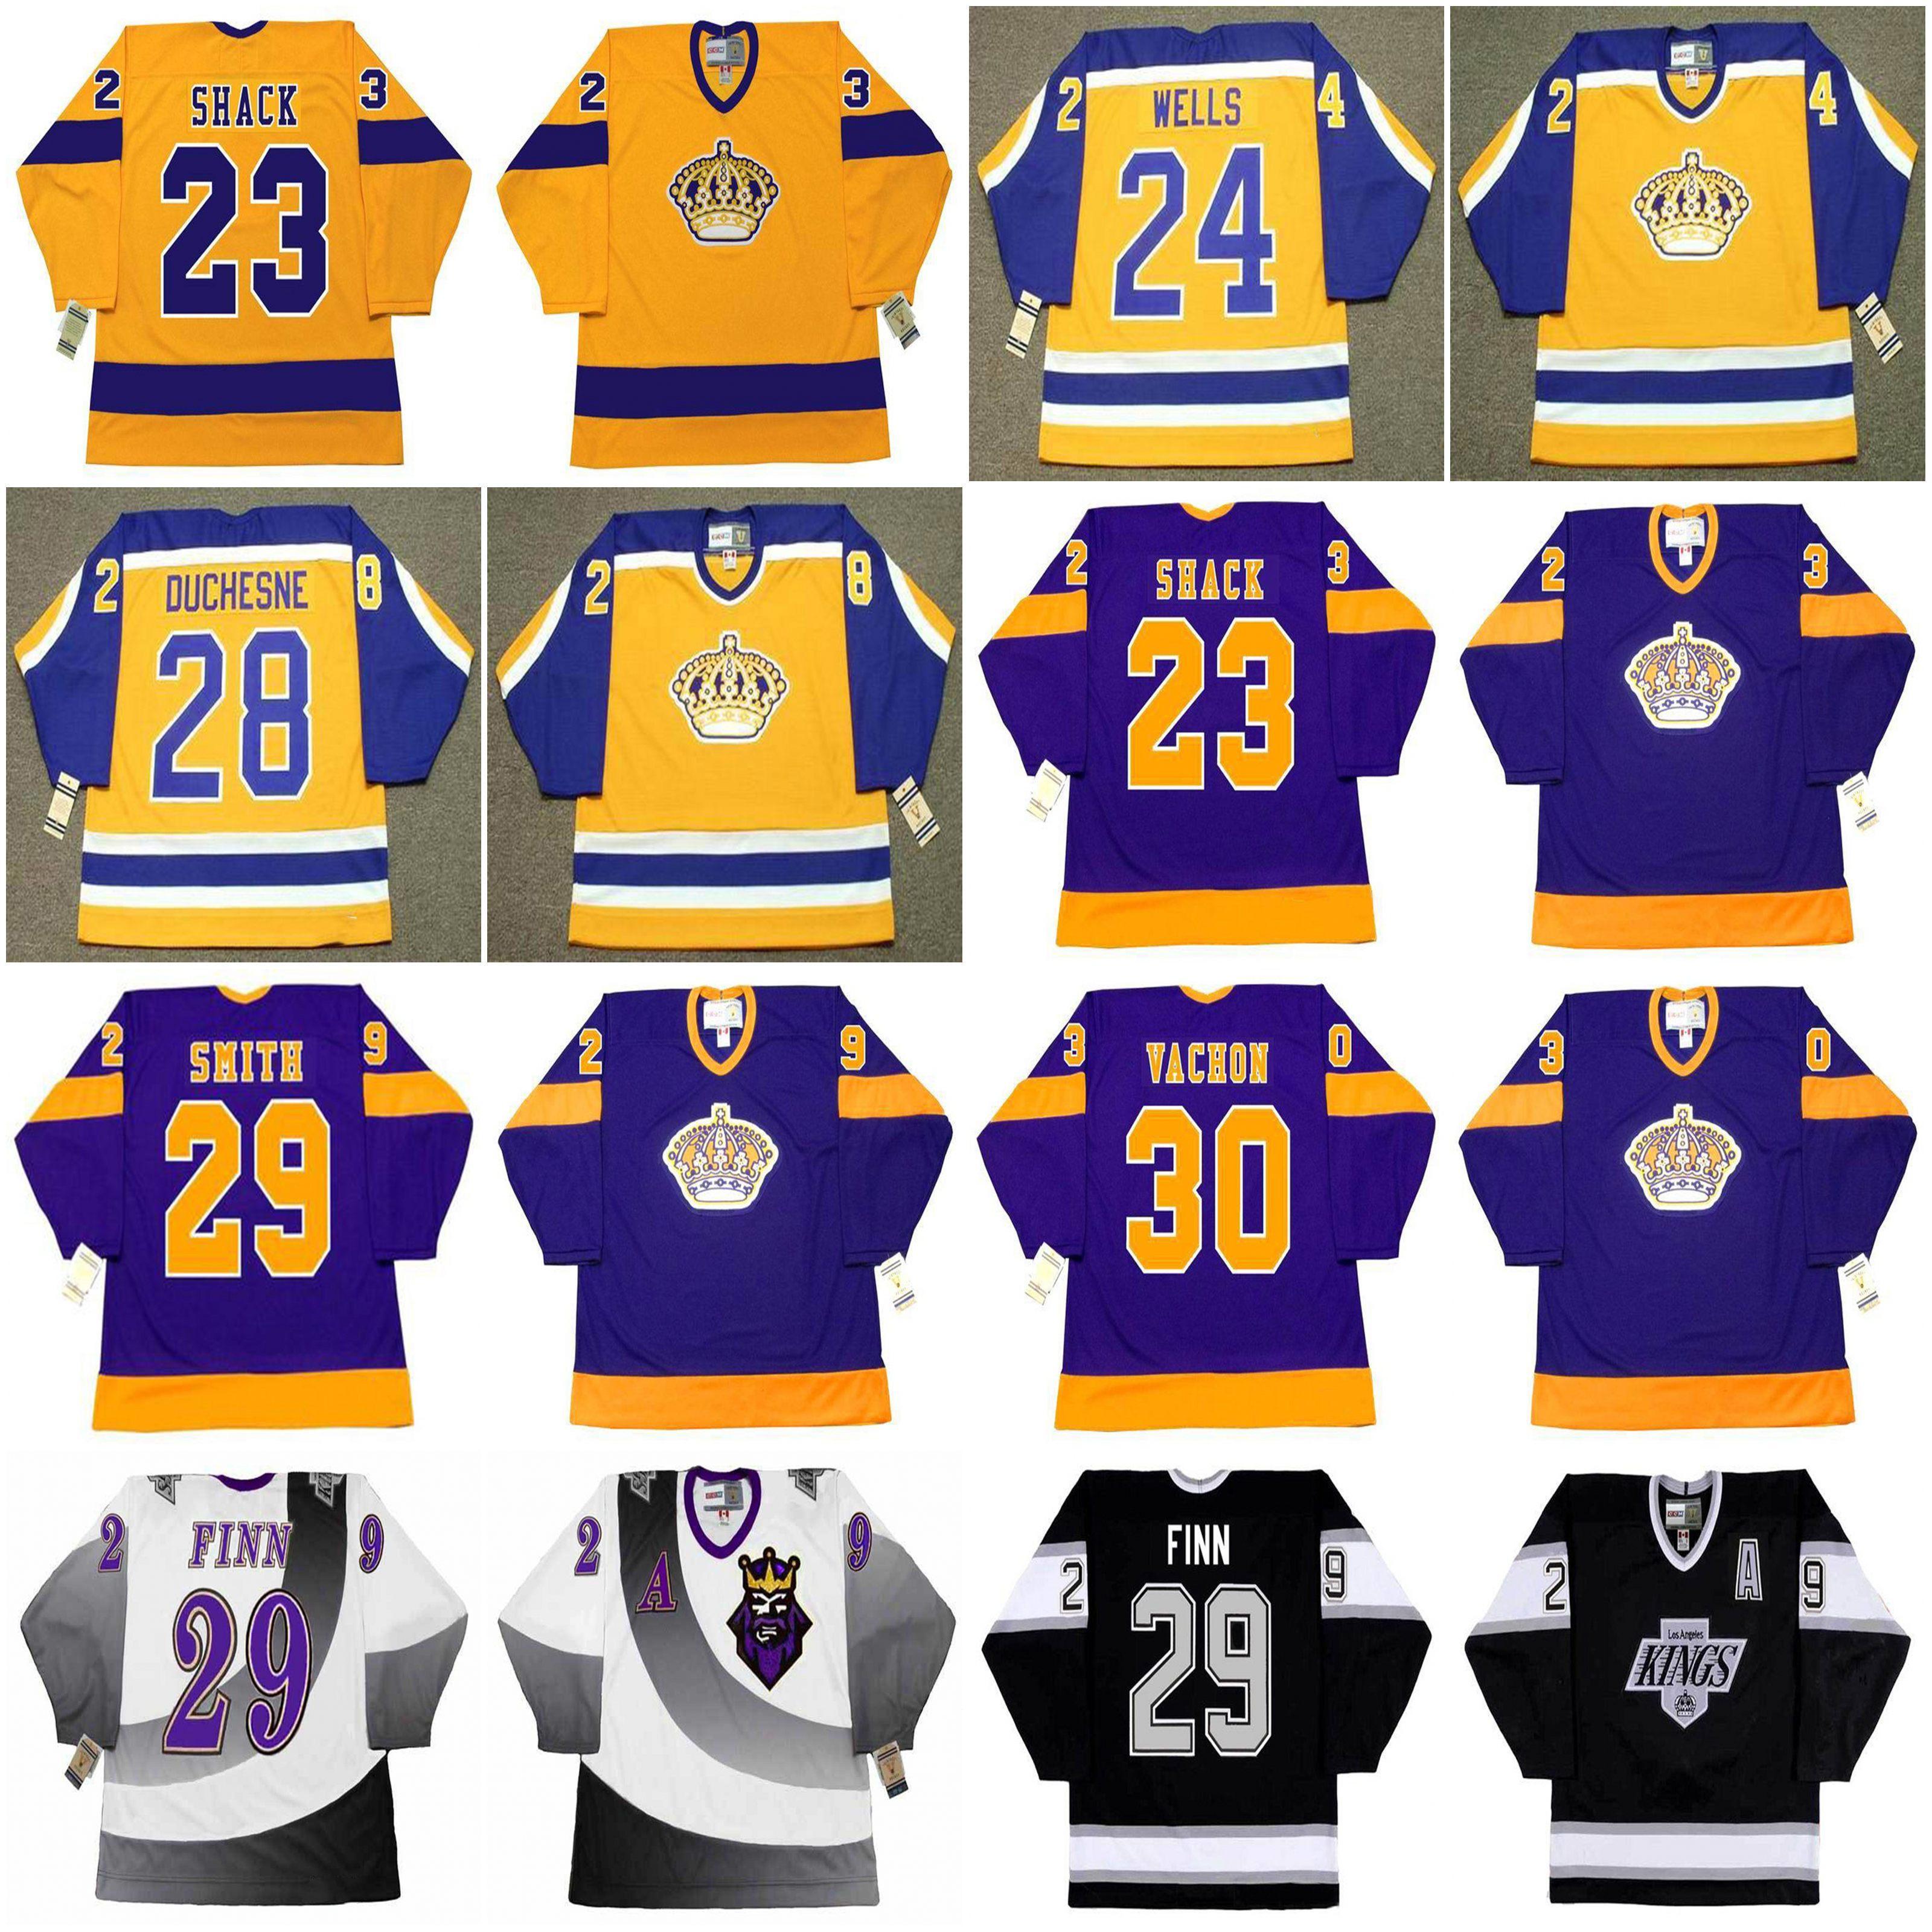 Los Angeles Kings Hockey Jersey 23 Eddie Shack 1970 24 Jay Wells 1985 Duchewne 1987 Smith Finn Dejordy Vachon Sawchuk Baron 1983 HRUDEY 1993 33 Marty Mccorley